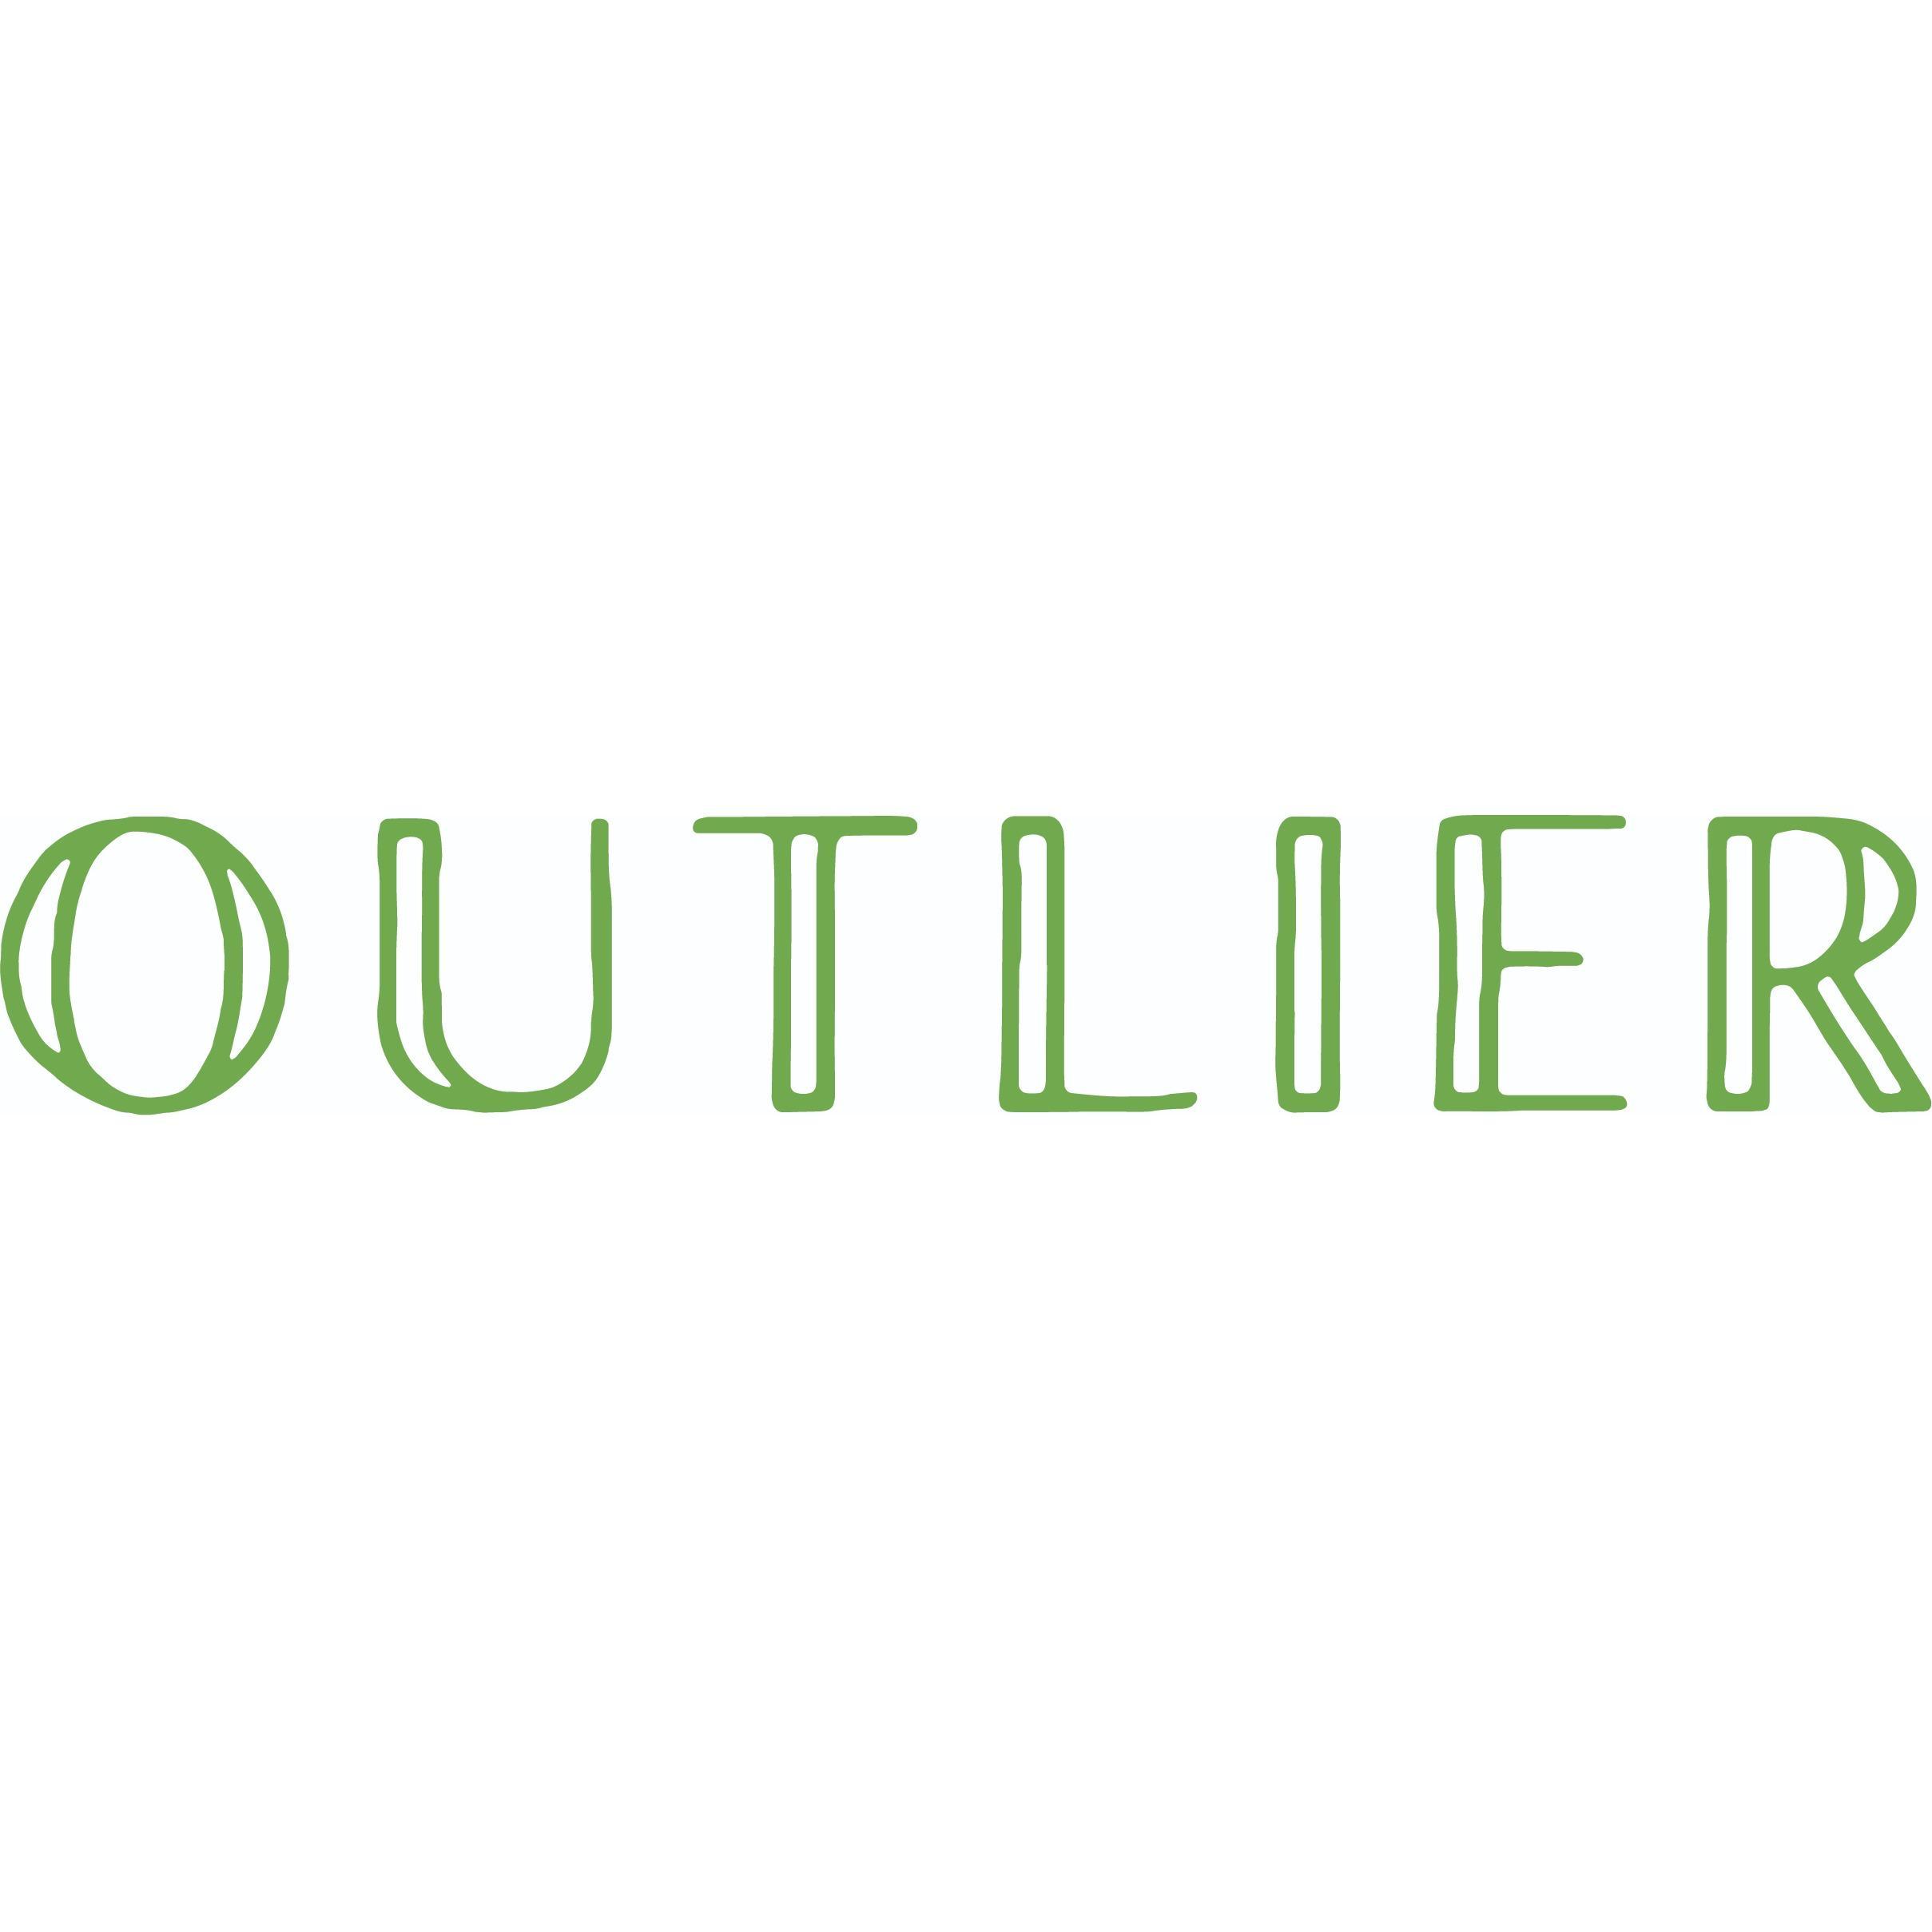 Outlier - Seattle, WA - Restaurants